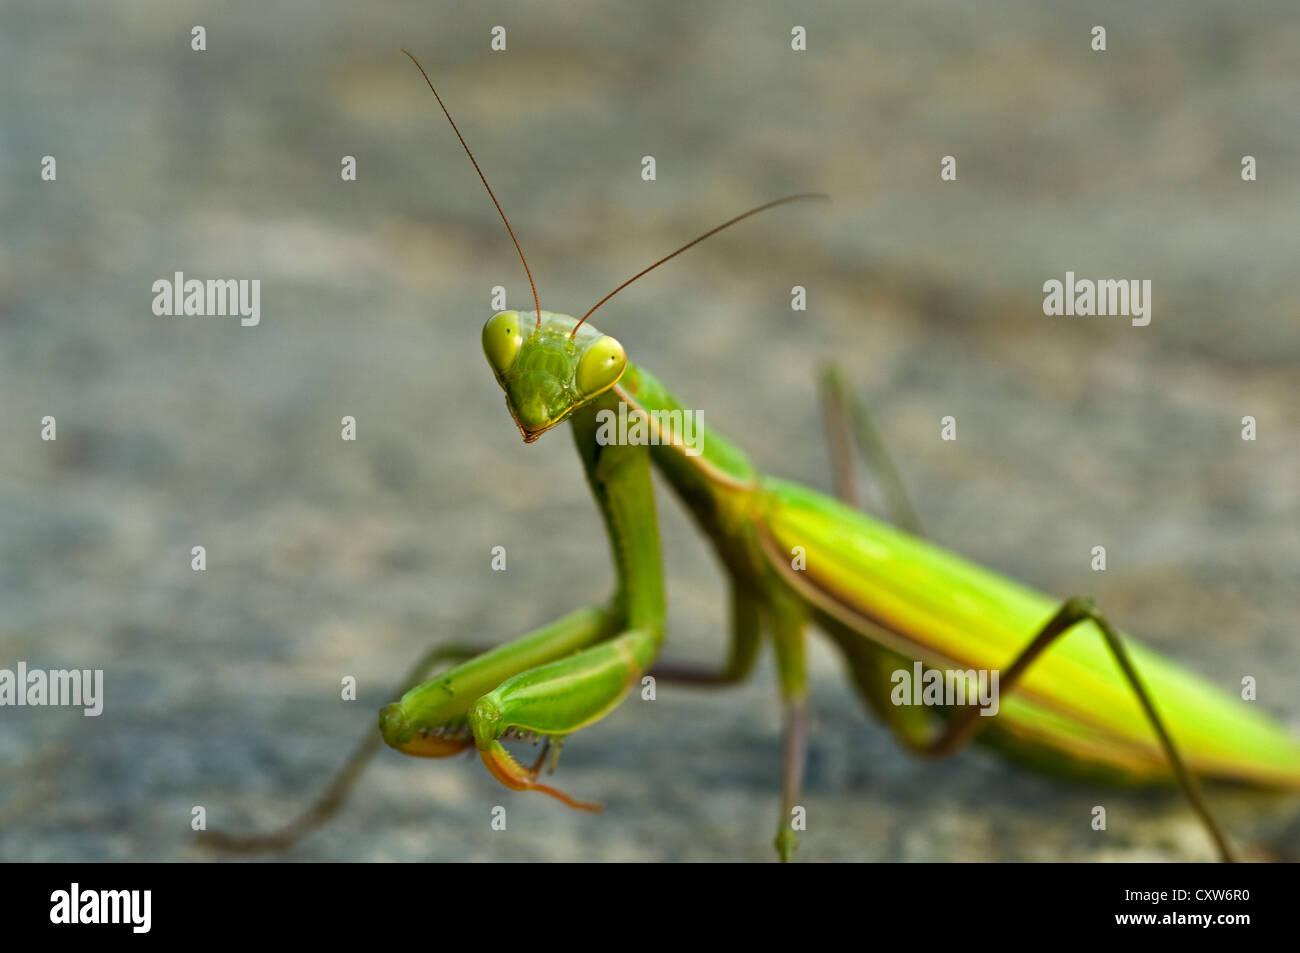 Praying mantis looking at camera - Stock Image